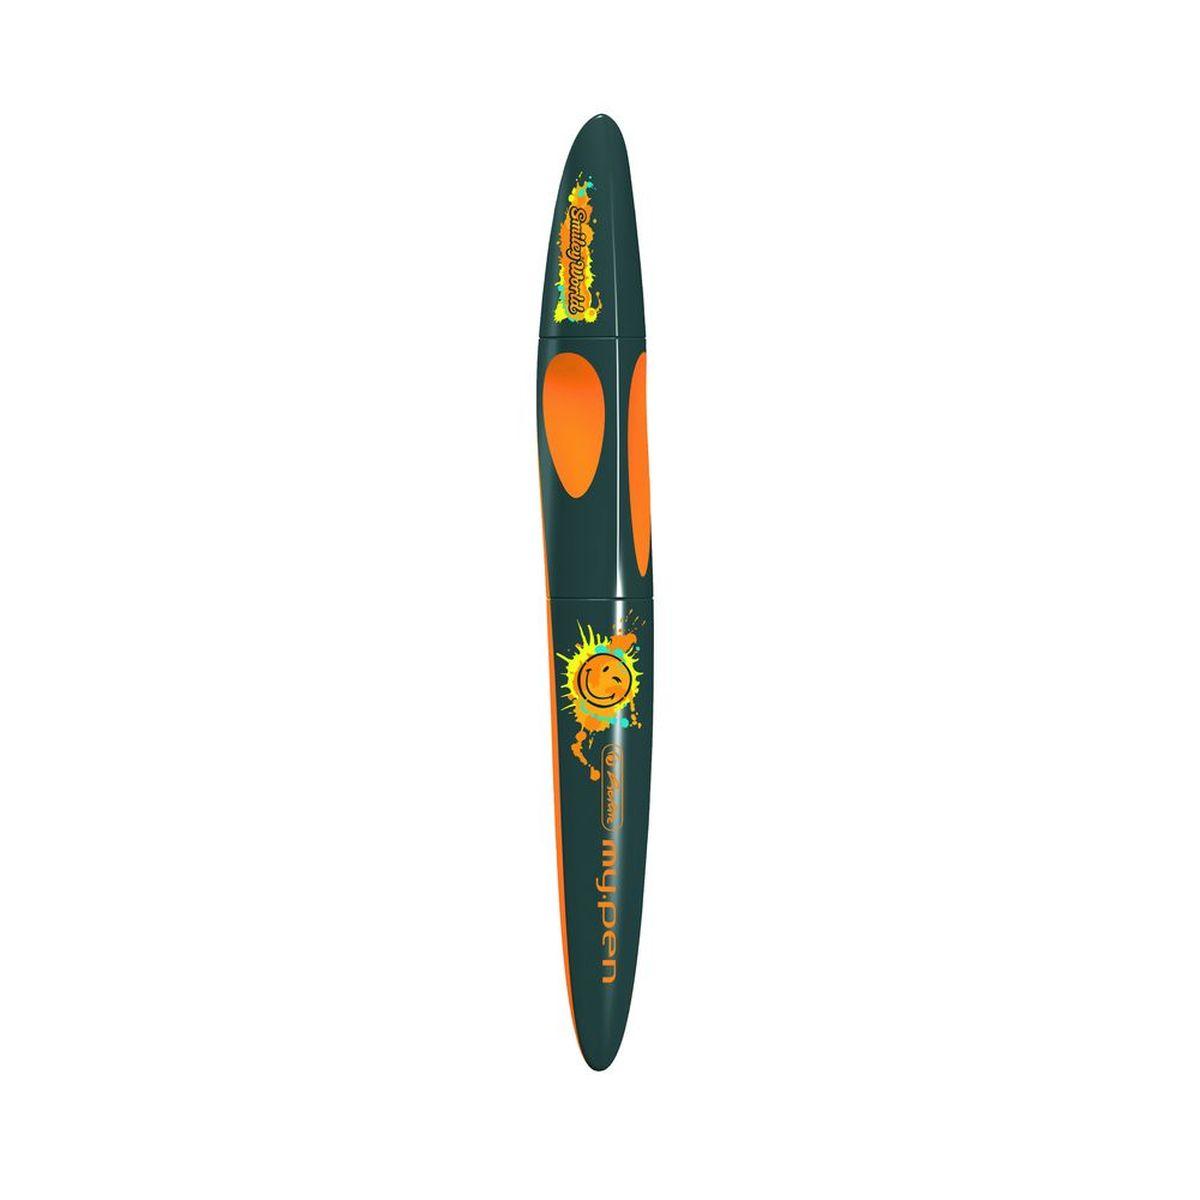 Herlitz Ручка-роллер Smiley World Edition11378957Ручка-роллер Herlitz Smiley World Edition оснащена пластиковым корпусом с эргономичной зоной охвата и вставками из резины, удобна для правшей и левшей. Благодаря сменным картриджам роллера со встроенной системой подачи чернил,эта ручка никогда не подведет вас. С ее помощью вы также можете стереть другие чернила.